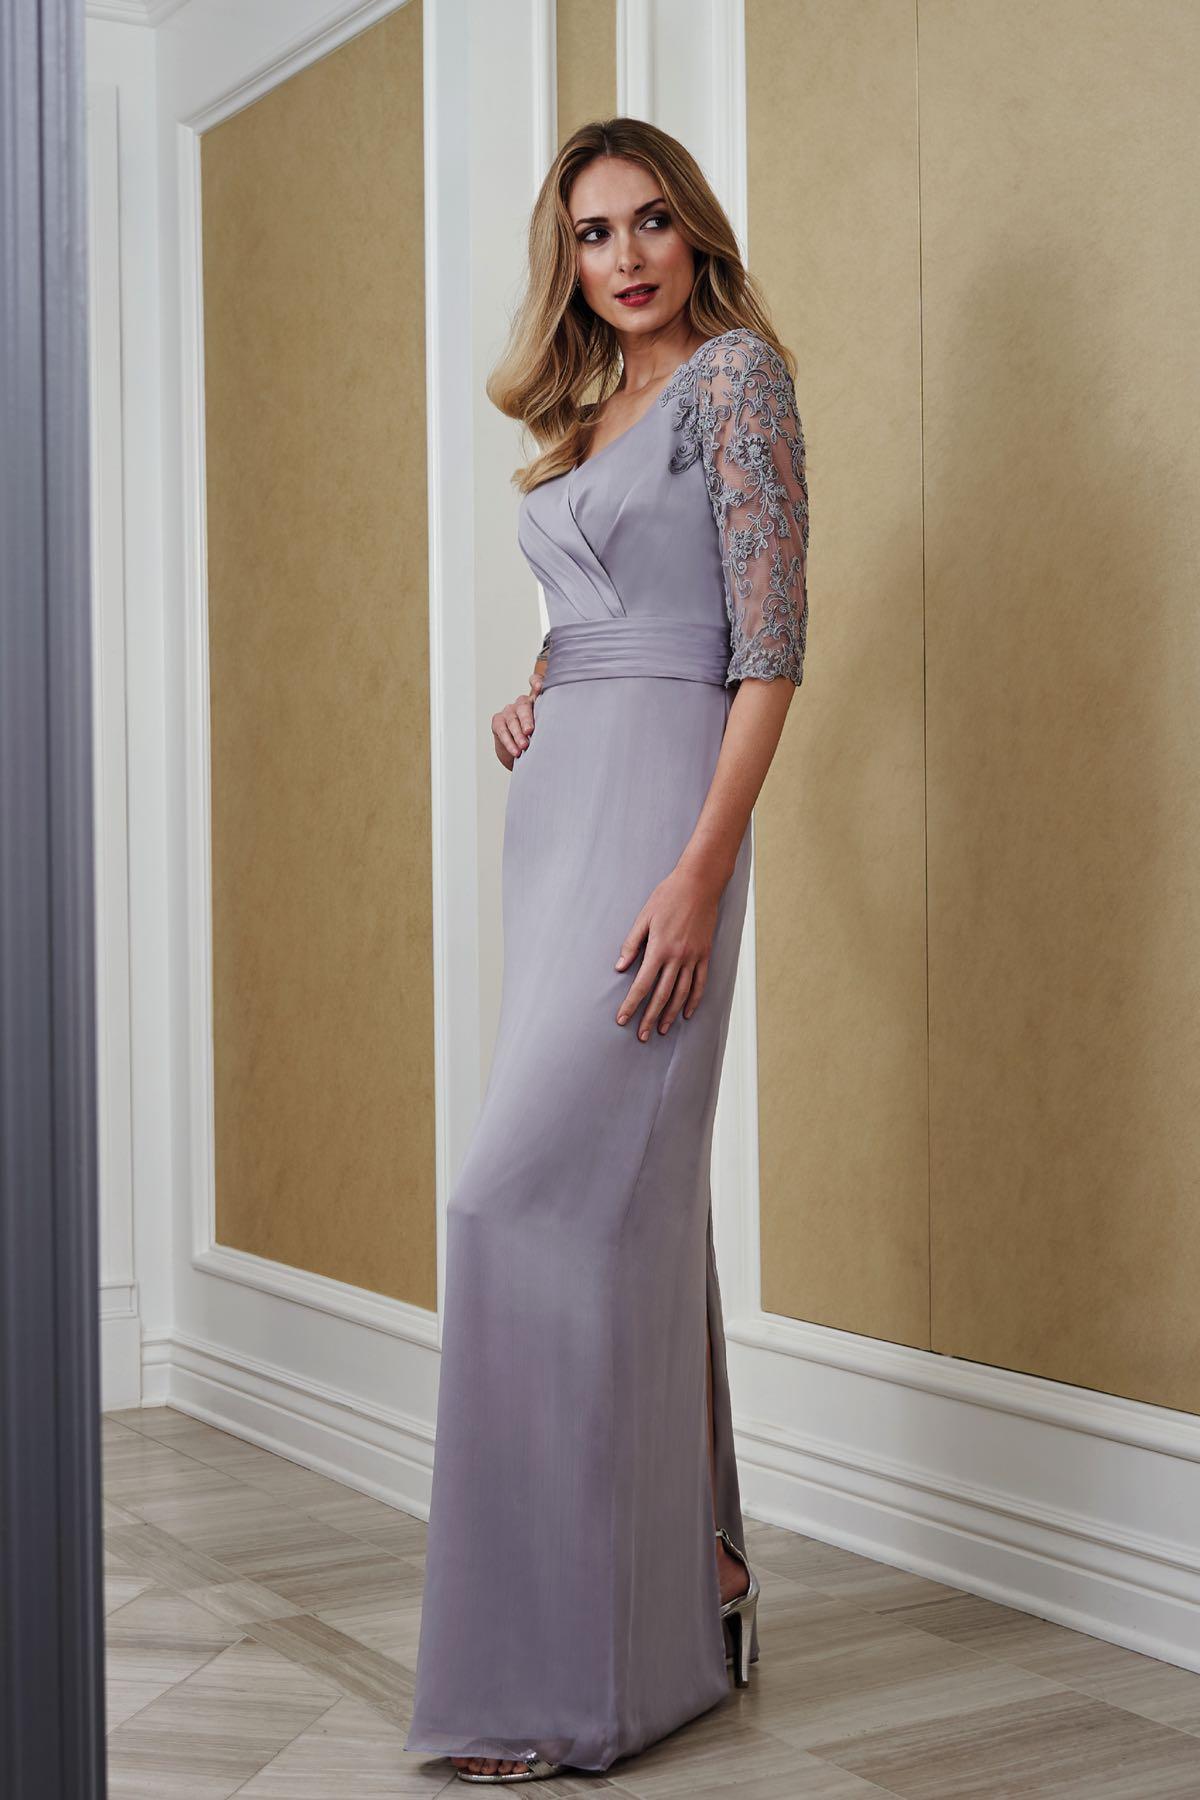 a7eafef5ca5 J215057 Jade Tiffany Chiffon   Lace MOB Dress with V-neckline